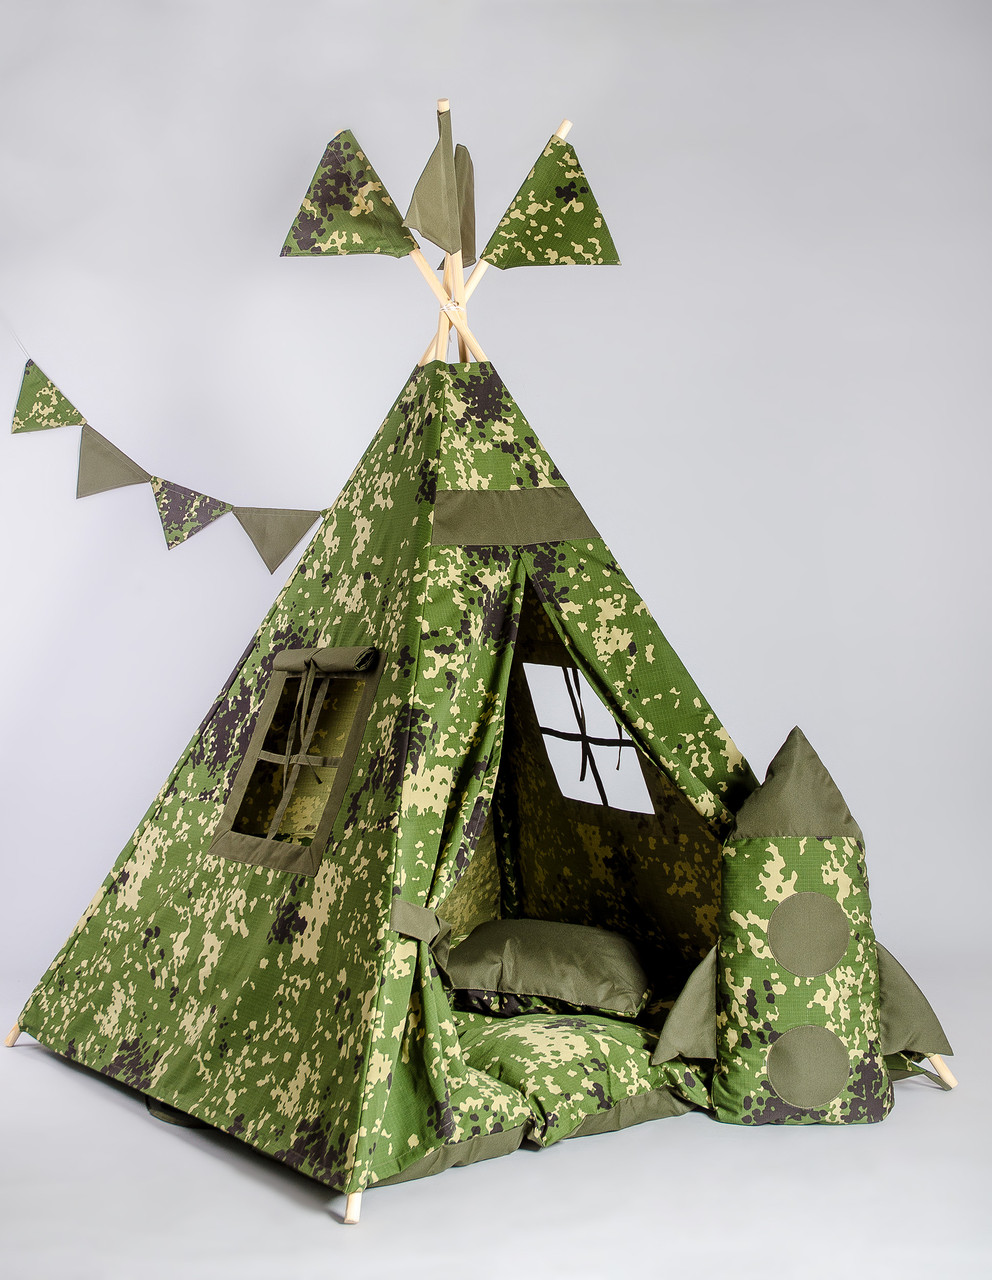 Вигвам Военный. Вигвам детский, детский вигвам, детский домик, детская палатка, вигвам палатка